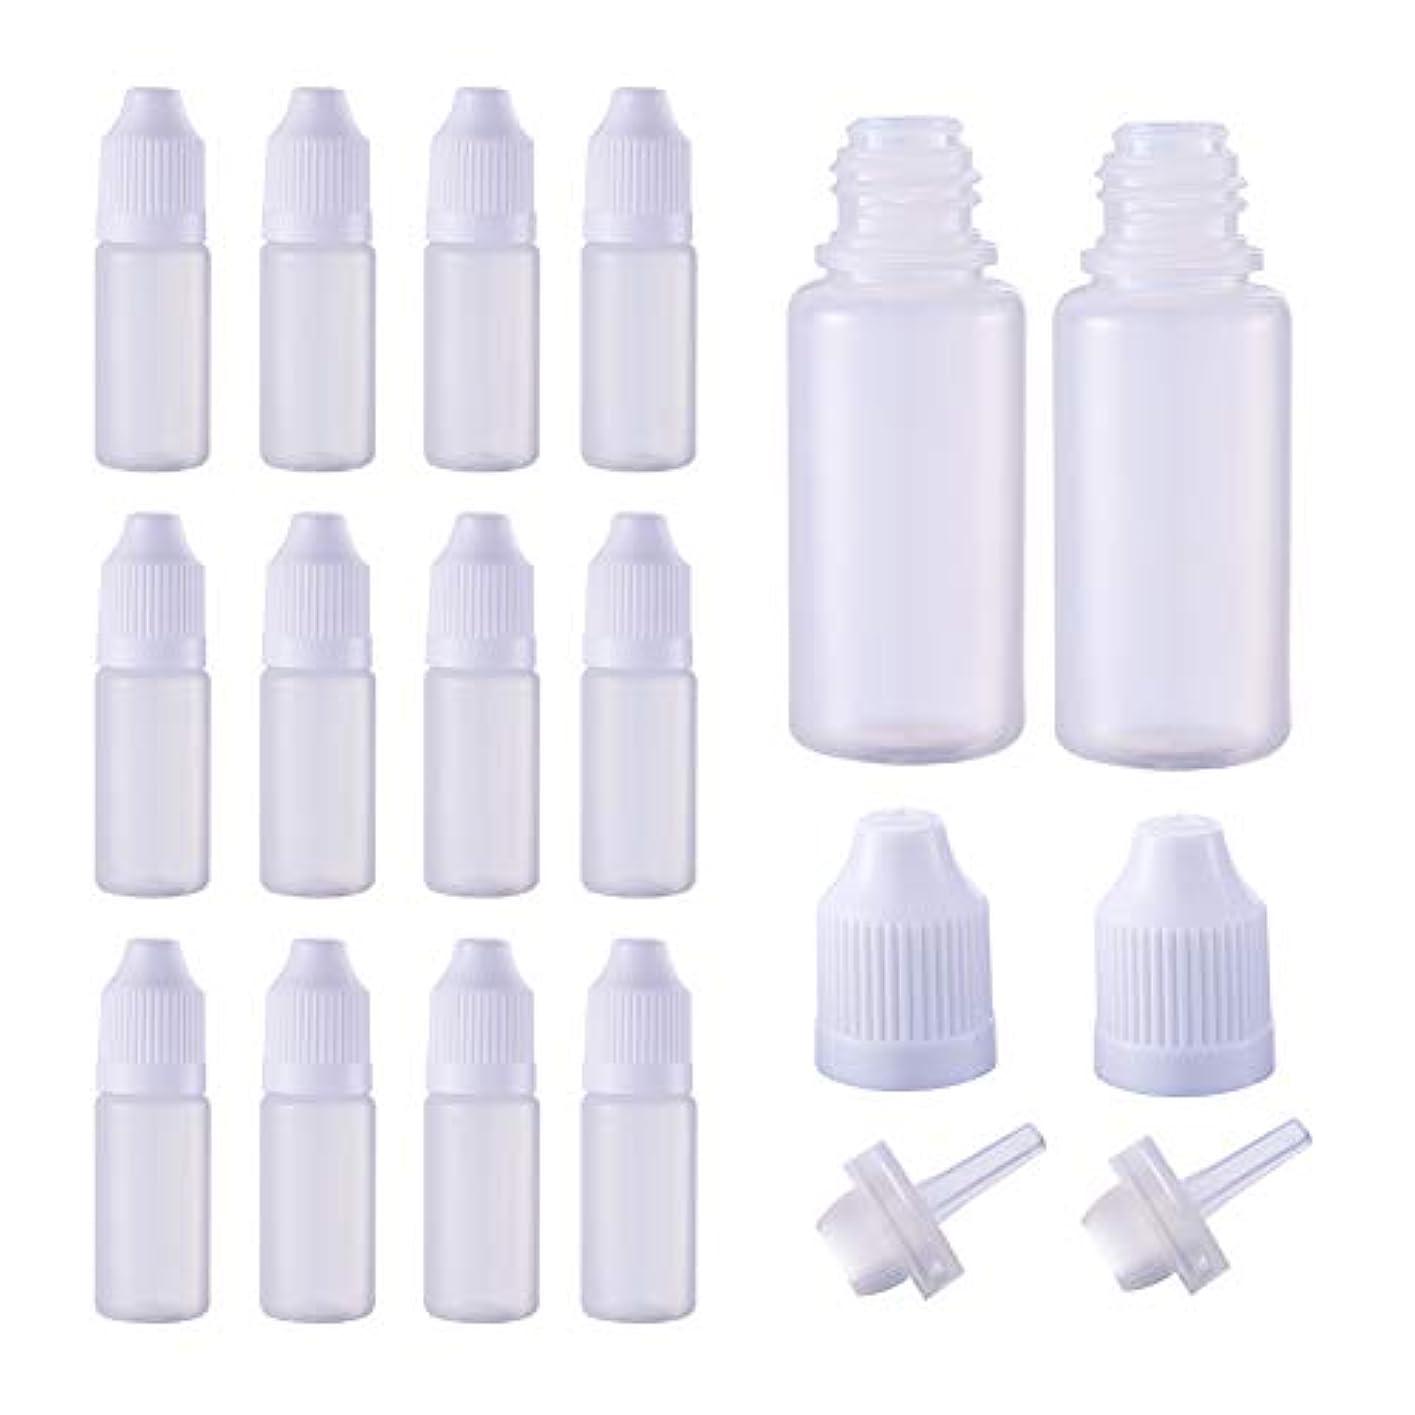 ノーブルトリクル義務的BENECREAT 50個セット 10mlドロッパーボトル プラスチック製 いたずら防止蓋つき 液体貯蔵用 点眼剤ボトル アロマボトル 分け詰め ホワイト蓋